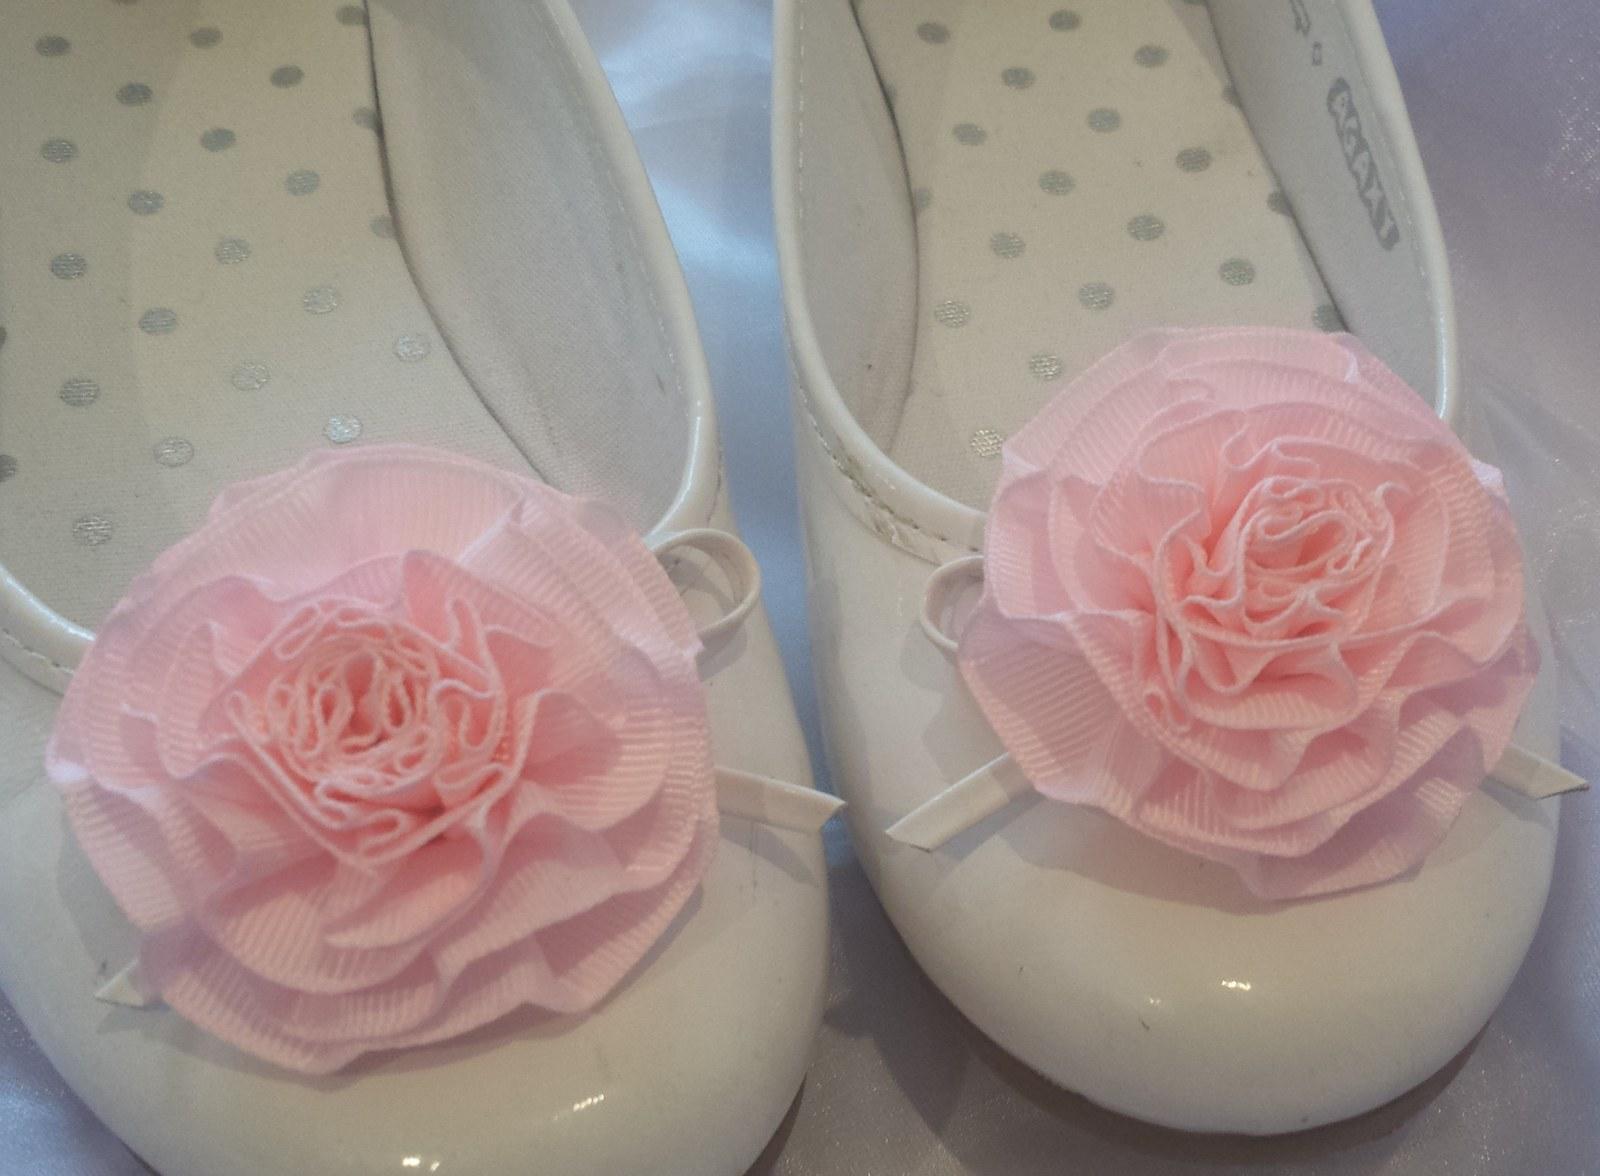 Klipy na boty pro nevěstu s růžovou květinkou - Obrázek č. 1